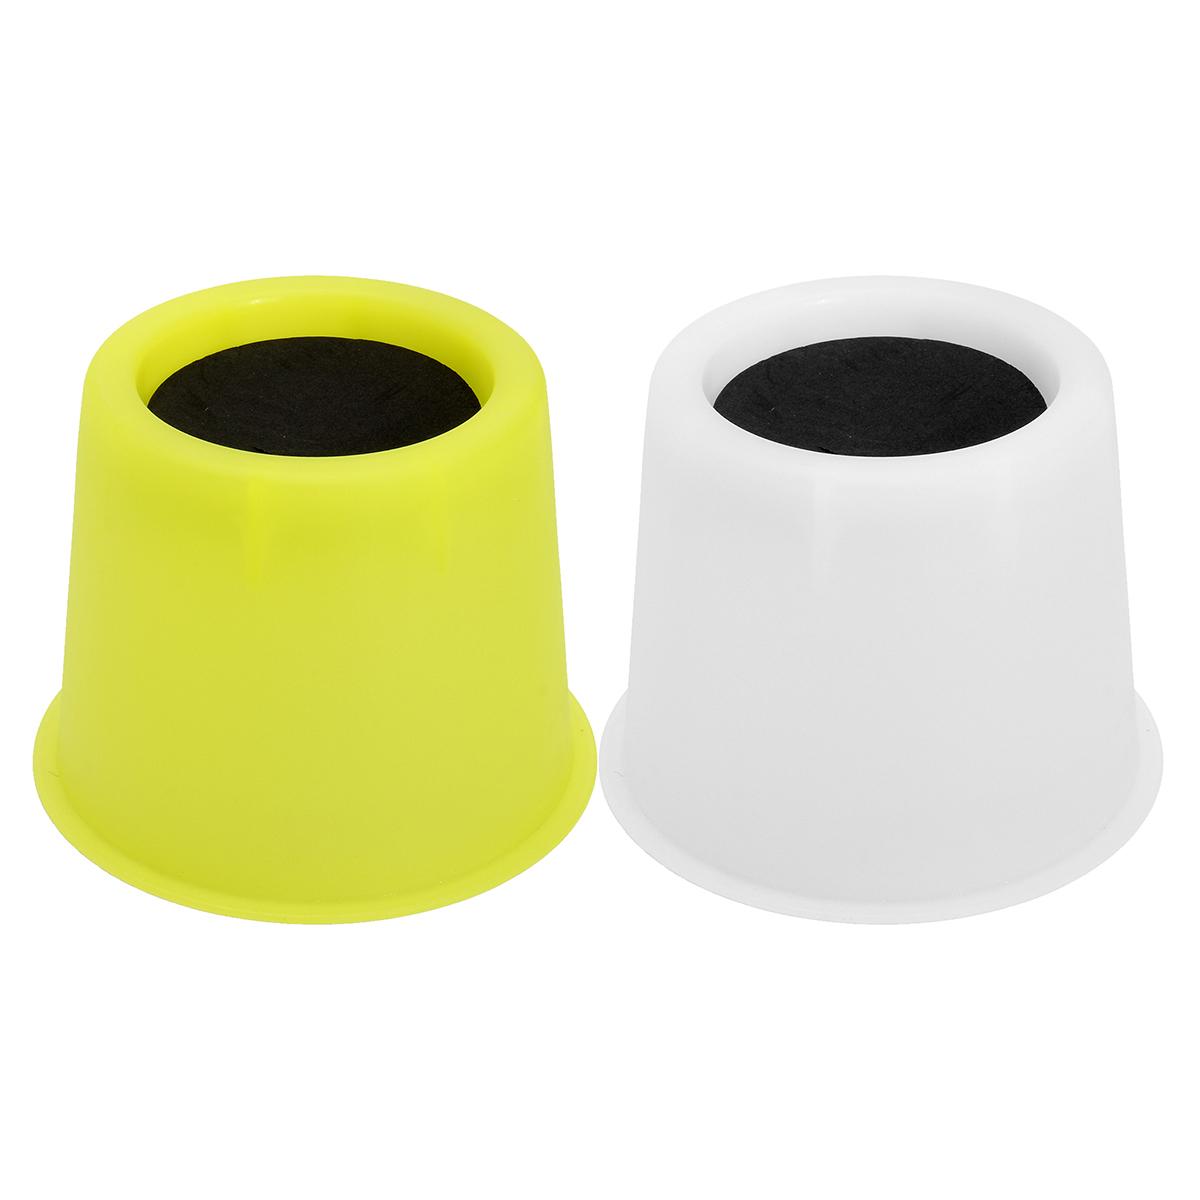 4Pcs PP Bed Riser Chair Booster Furniture Lifter Elephant Feet Luminous Set Furniture Raiser